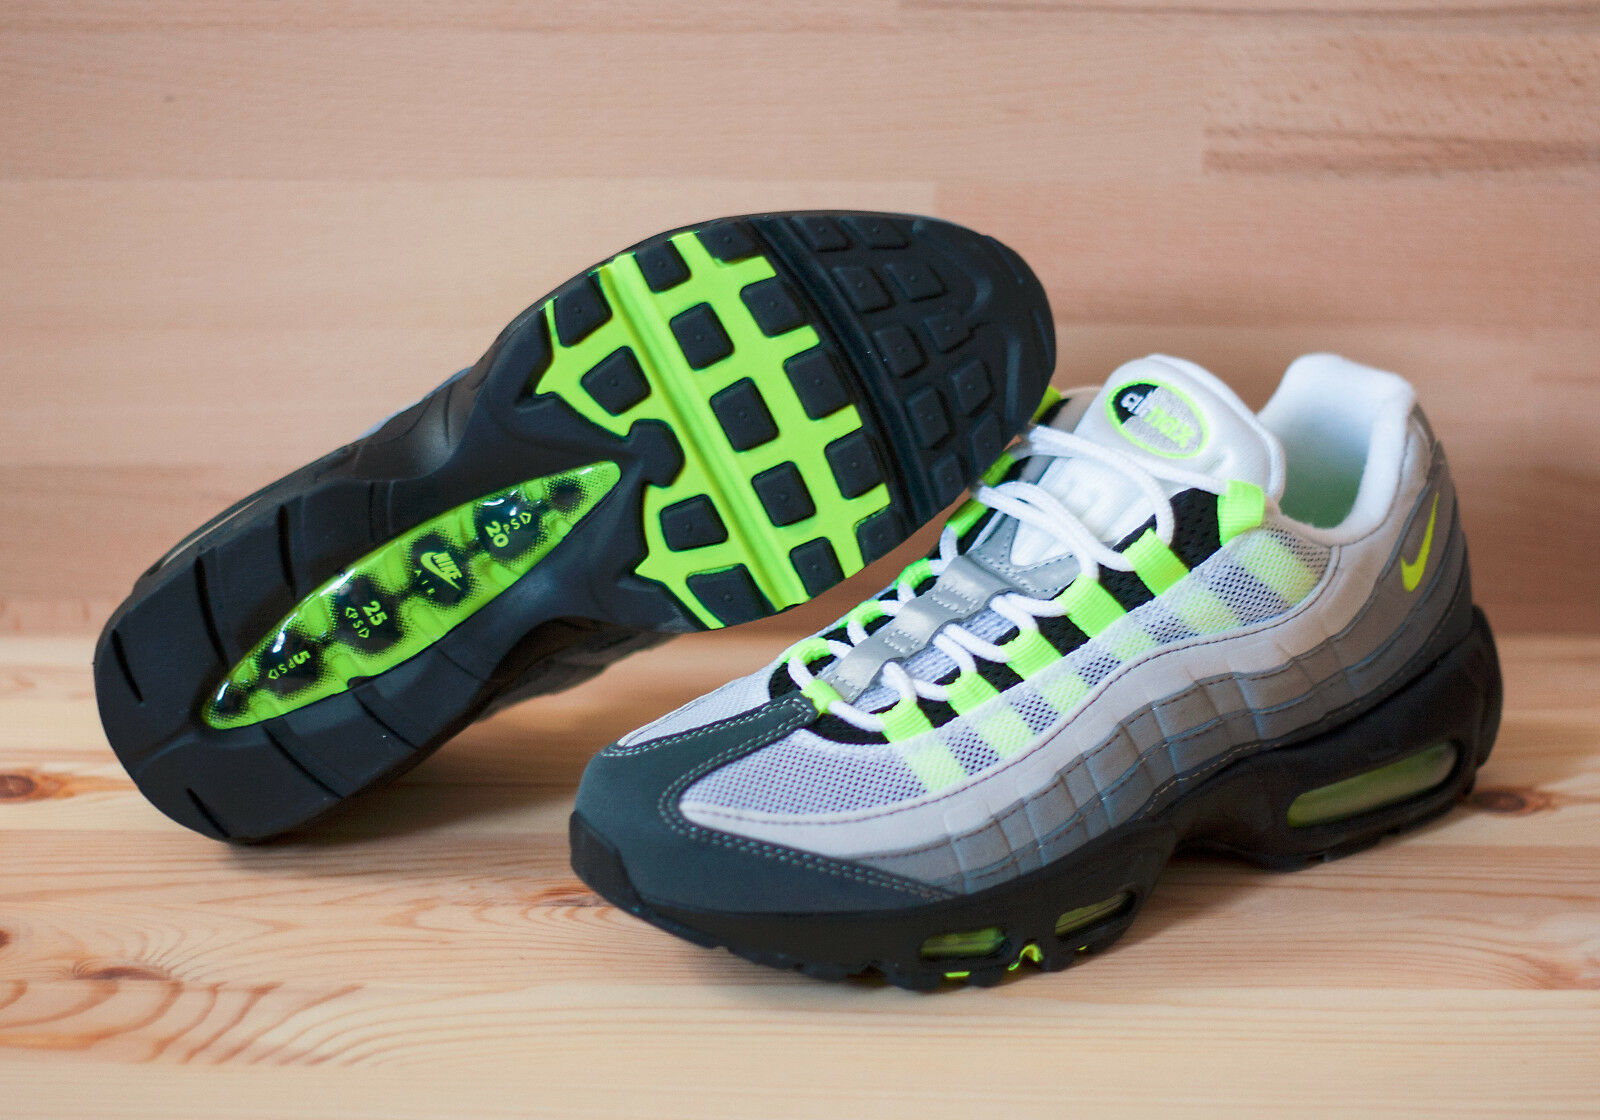 Nike Wmns Air Max 95 307960-003 EU 40 US 8,56 Neu Neon Grau Schwarz 93 97